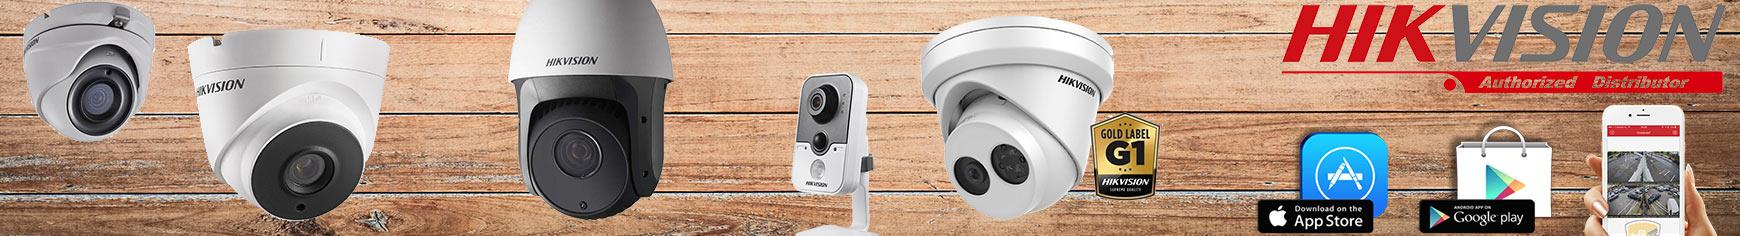 Hikvision-Full-HD-Camerasysteem-kopen-den-haag-rotterdam-amsterdam-schiedam-maassluis-westland-poeldijk-naaldwijk-wateringen-delft-rijswijk-nootdorp-ypenburg-ptzcamera